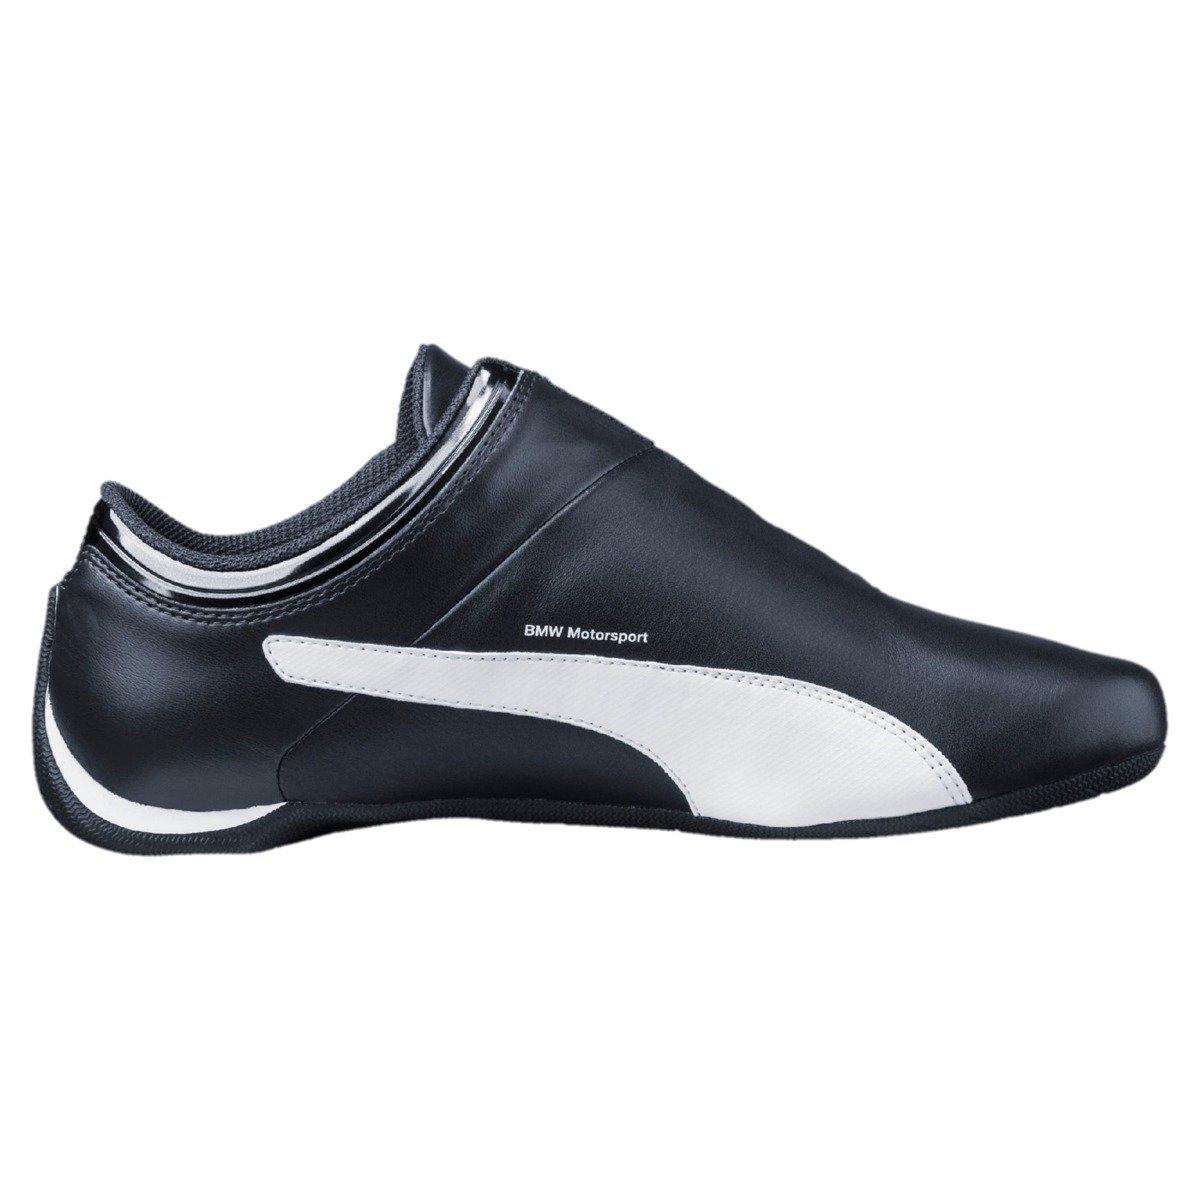 Puma BMW Motorsport Schuhe Online Puma Schuhe Herren Weiß